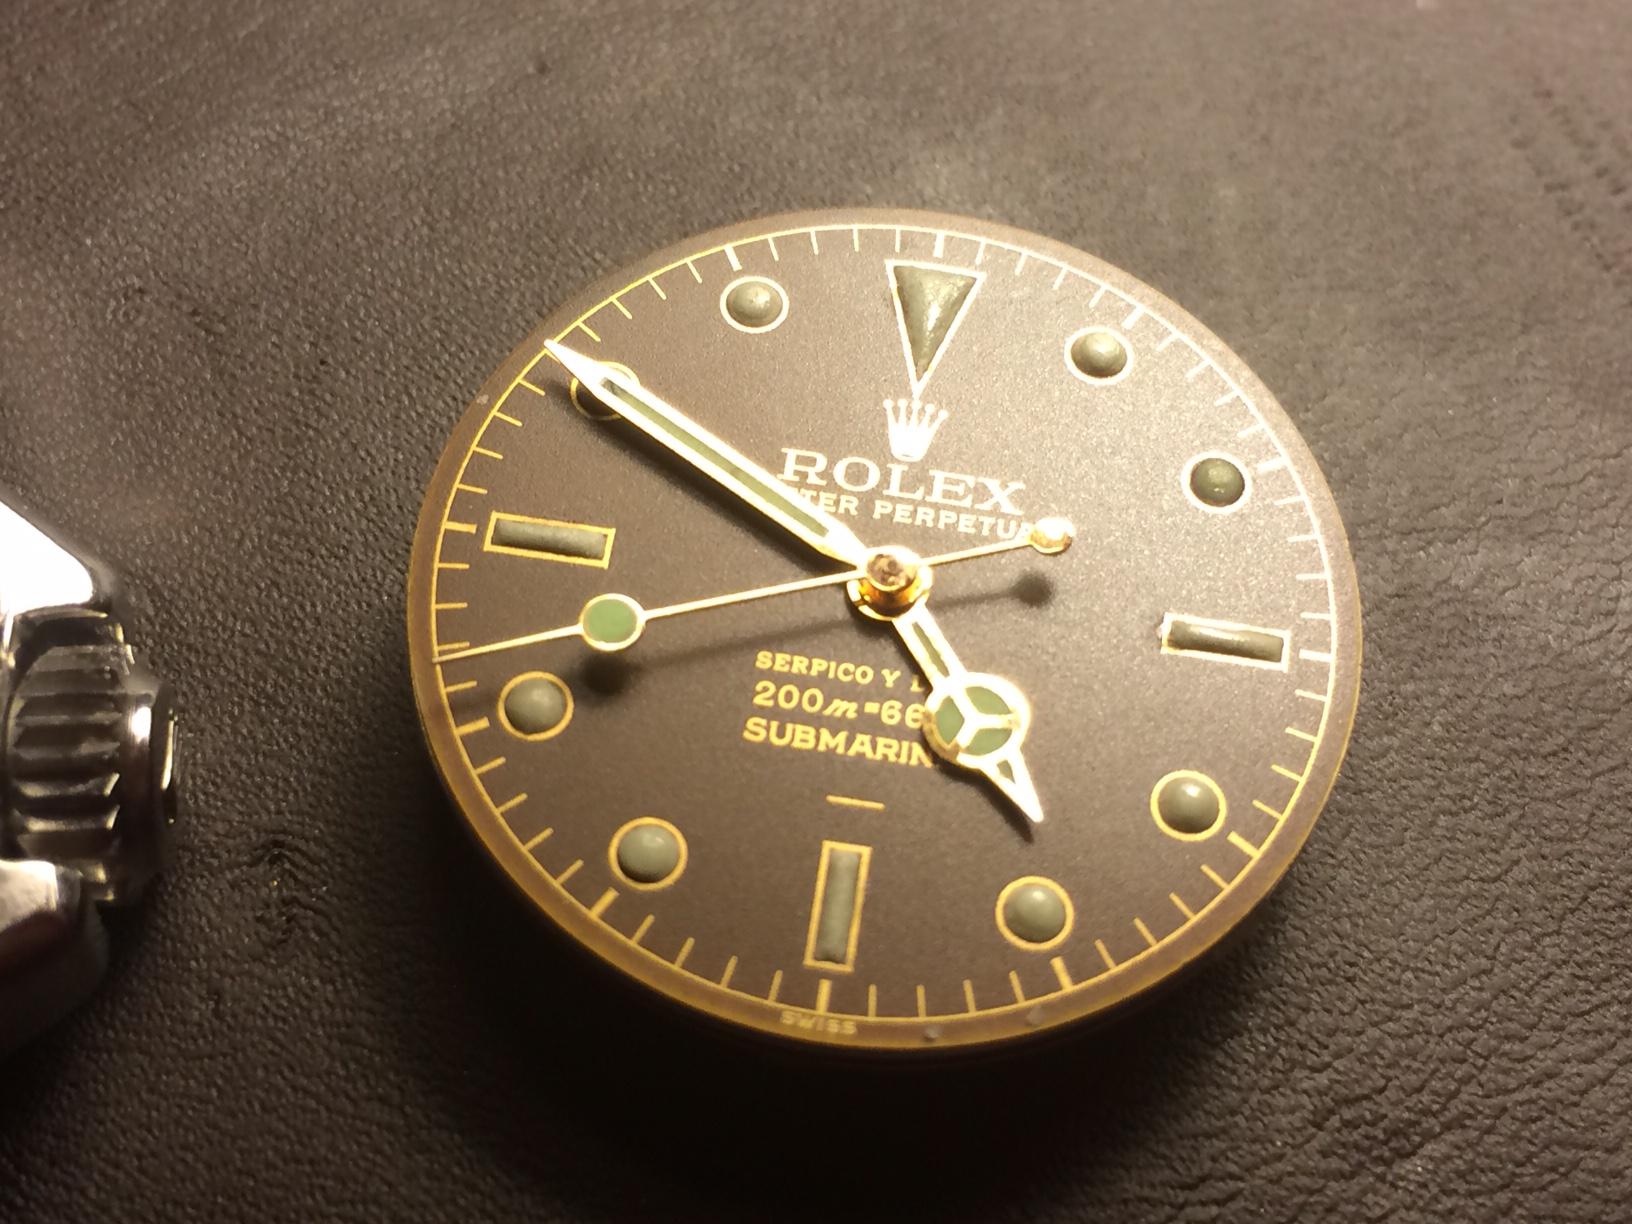 Ιδιοκατασκευή – Rolex 5512 Serpico Y Laino - Ιδιοκατασκευές